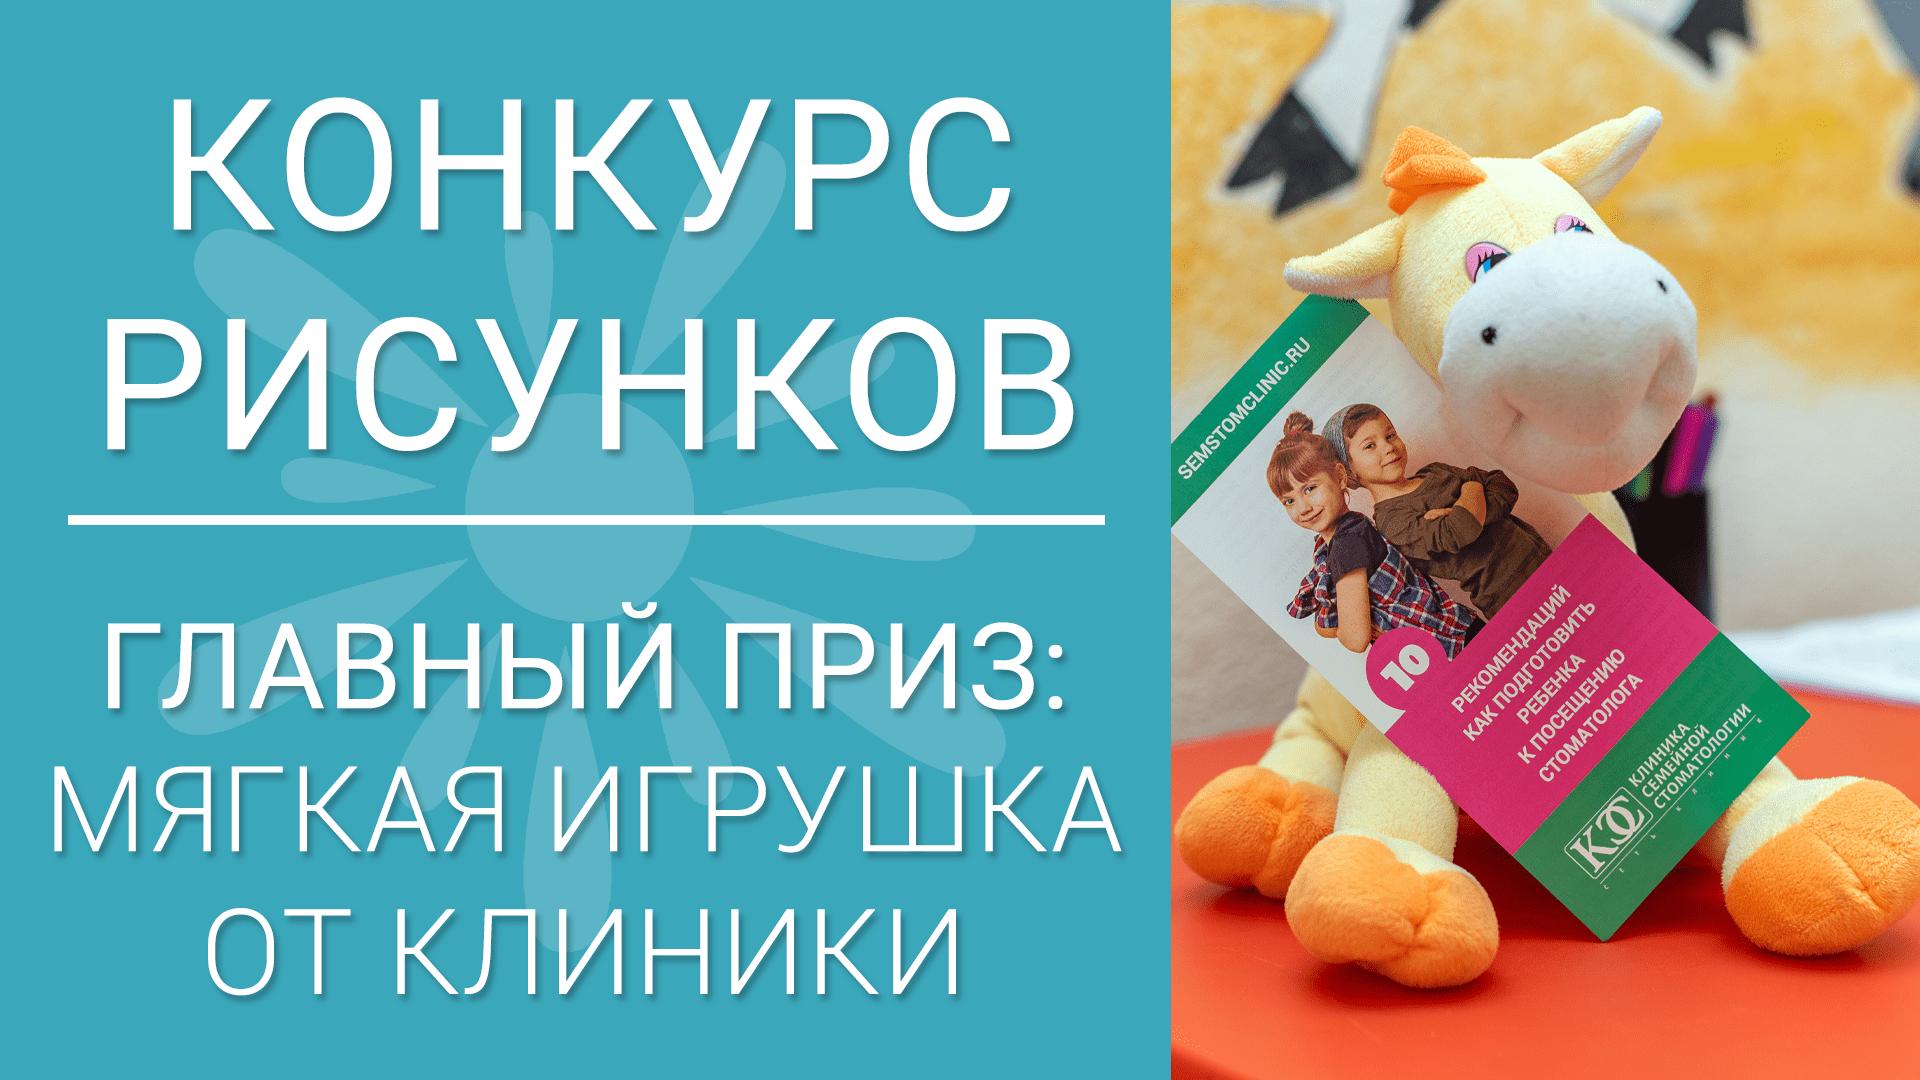 Конкурс детского рисунка: «Мой стоматолог-супергерой». Подарки участникам!